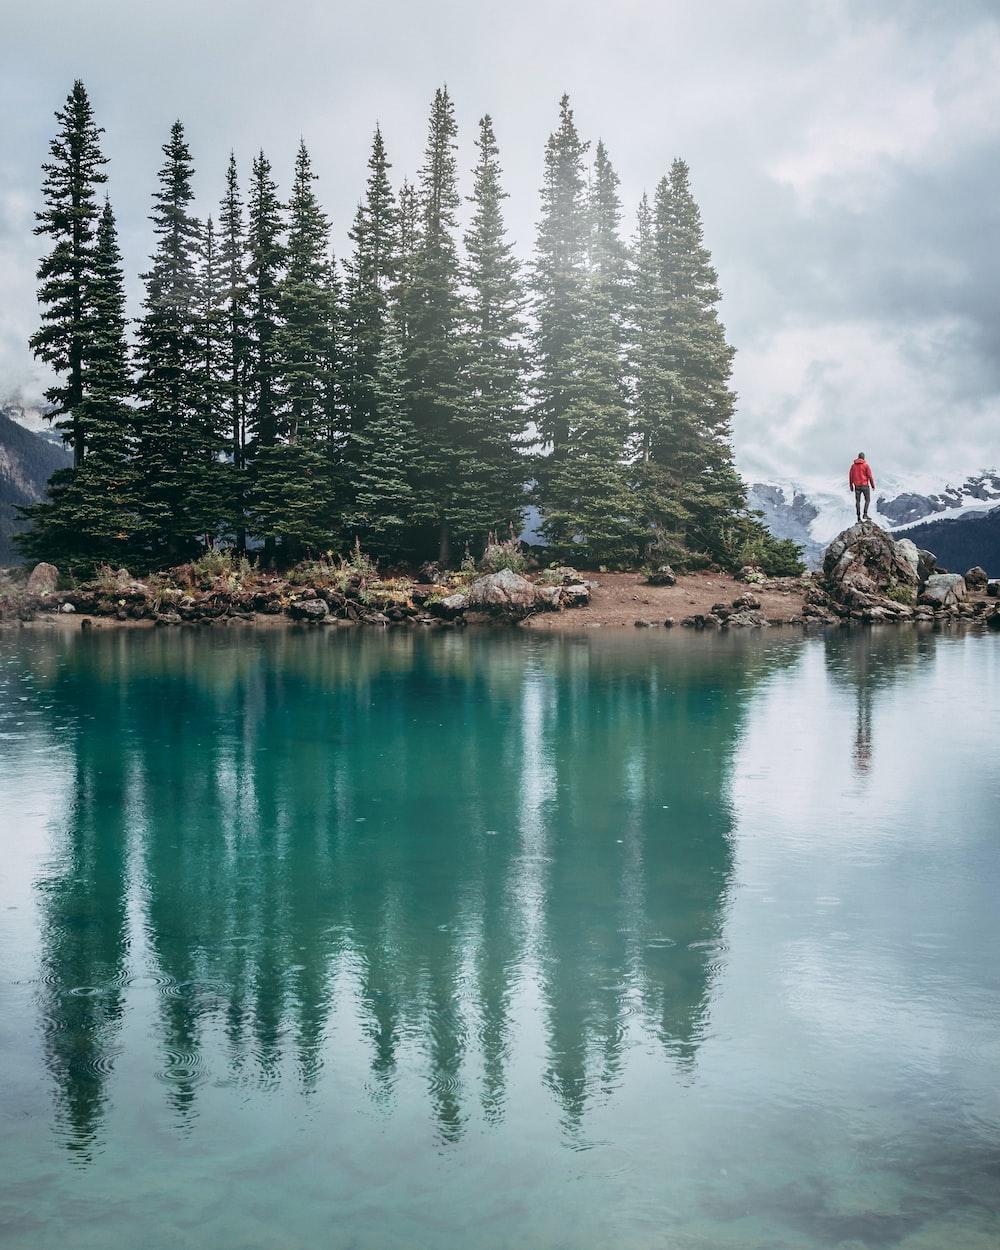 man standing on rock beside lake during daytime